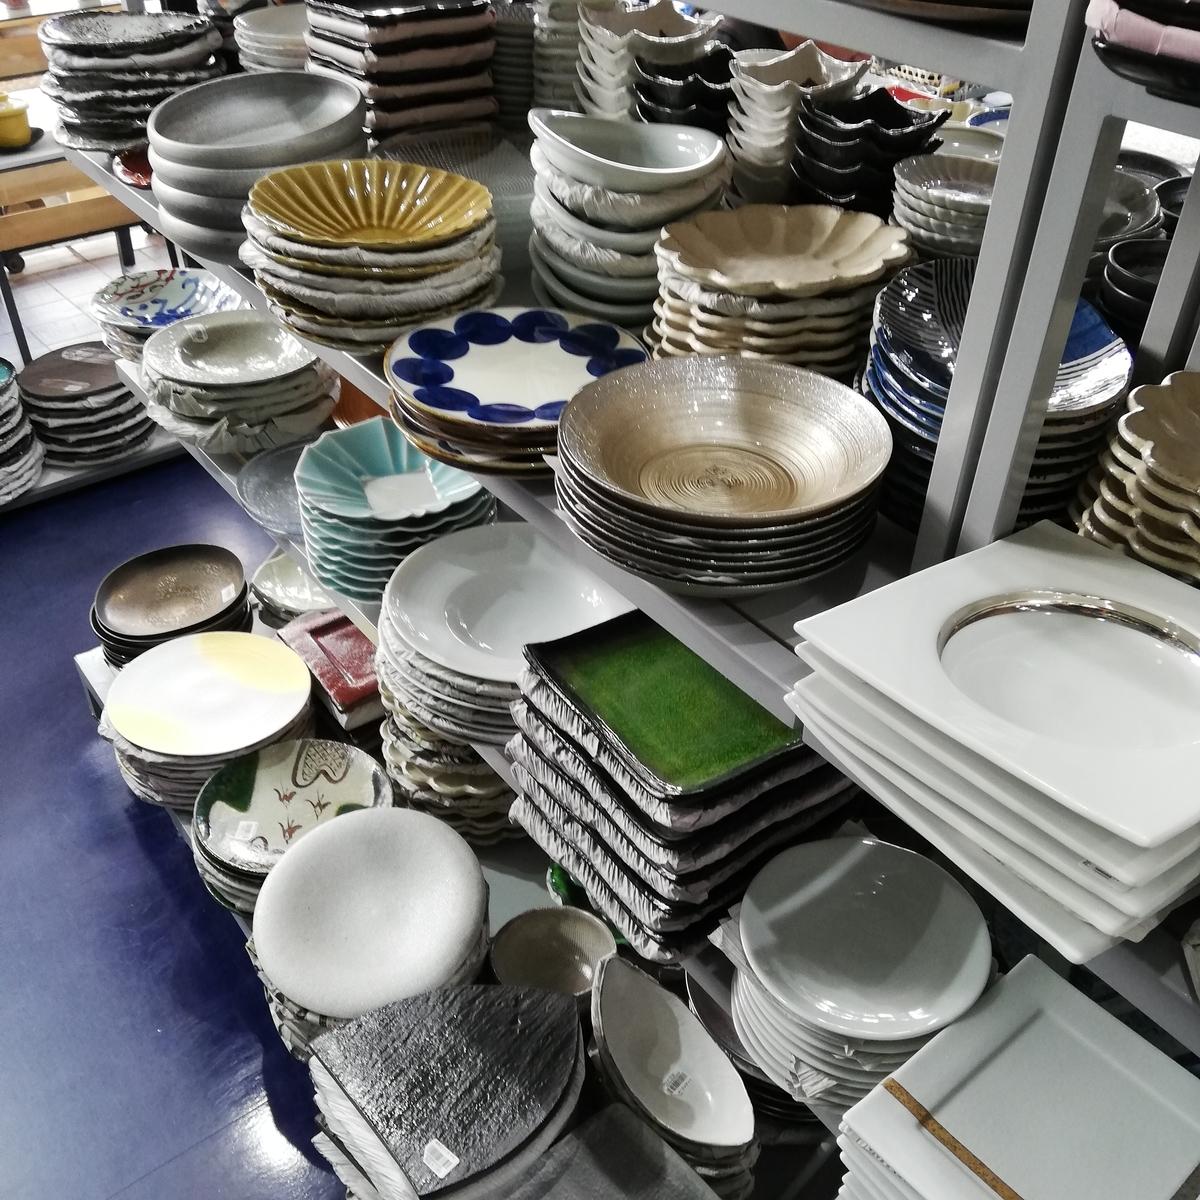 陳列された和食器類